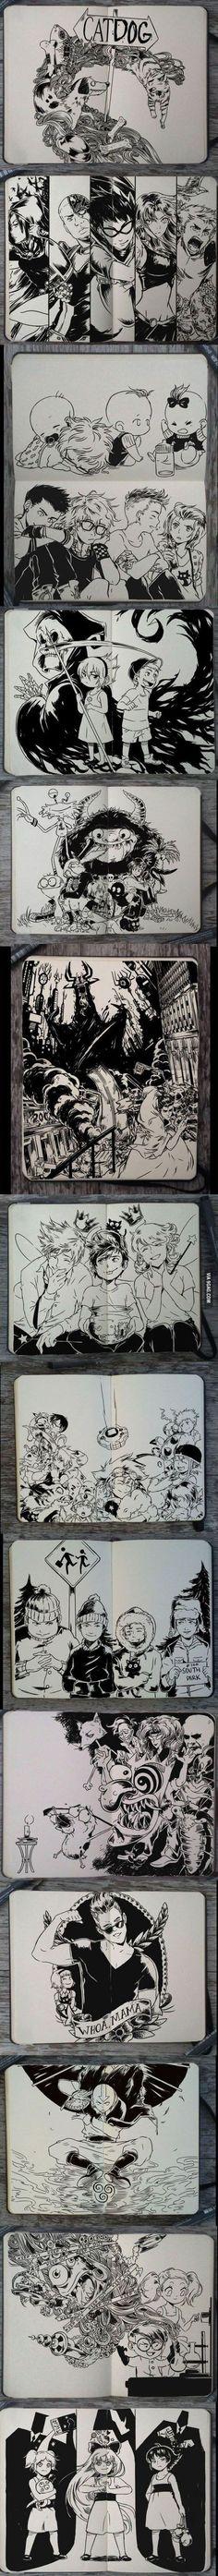 Assisti todos esses desenhos eu adoro eles até hoje exceto Digimon eu não assisti eu preferia Pokemon